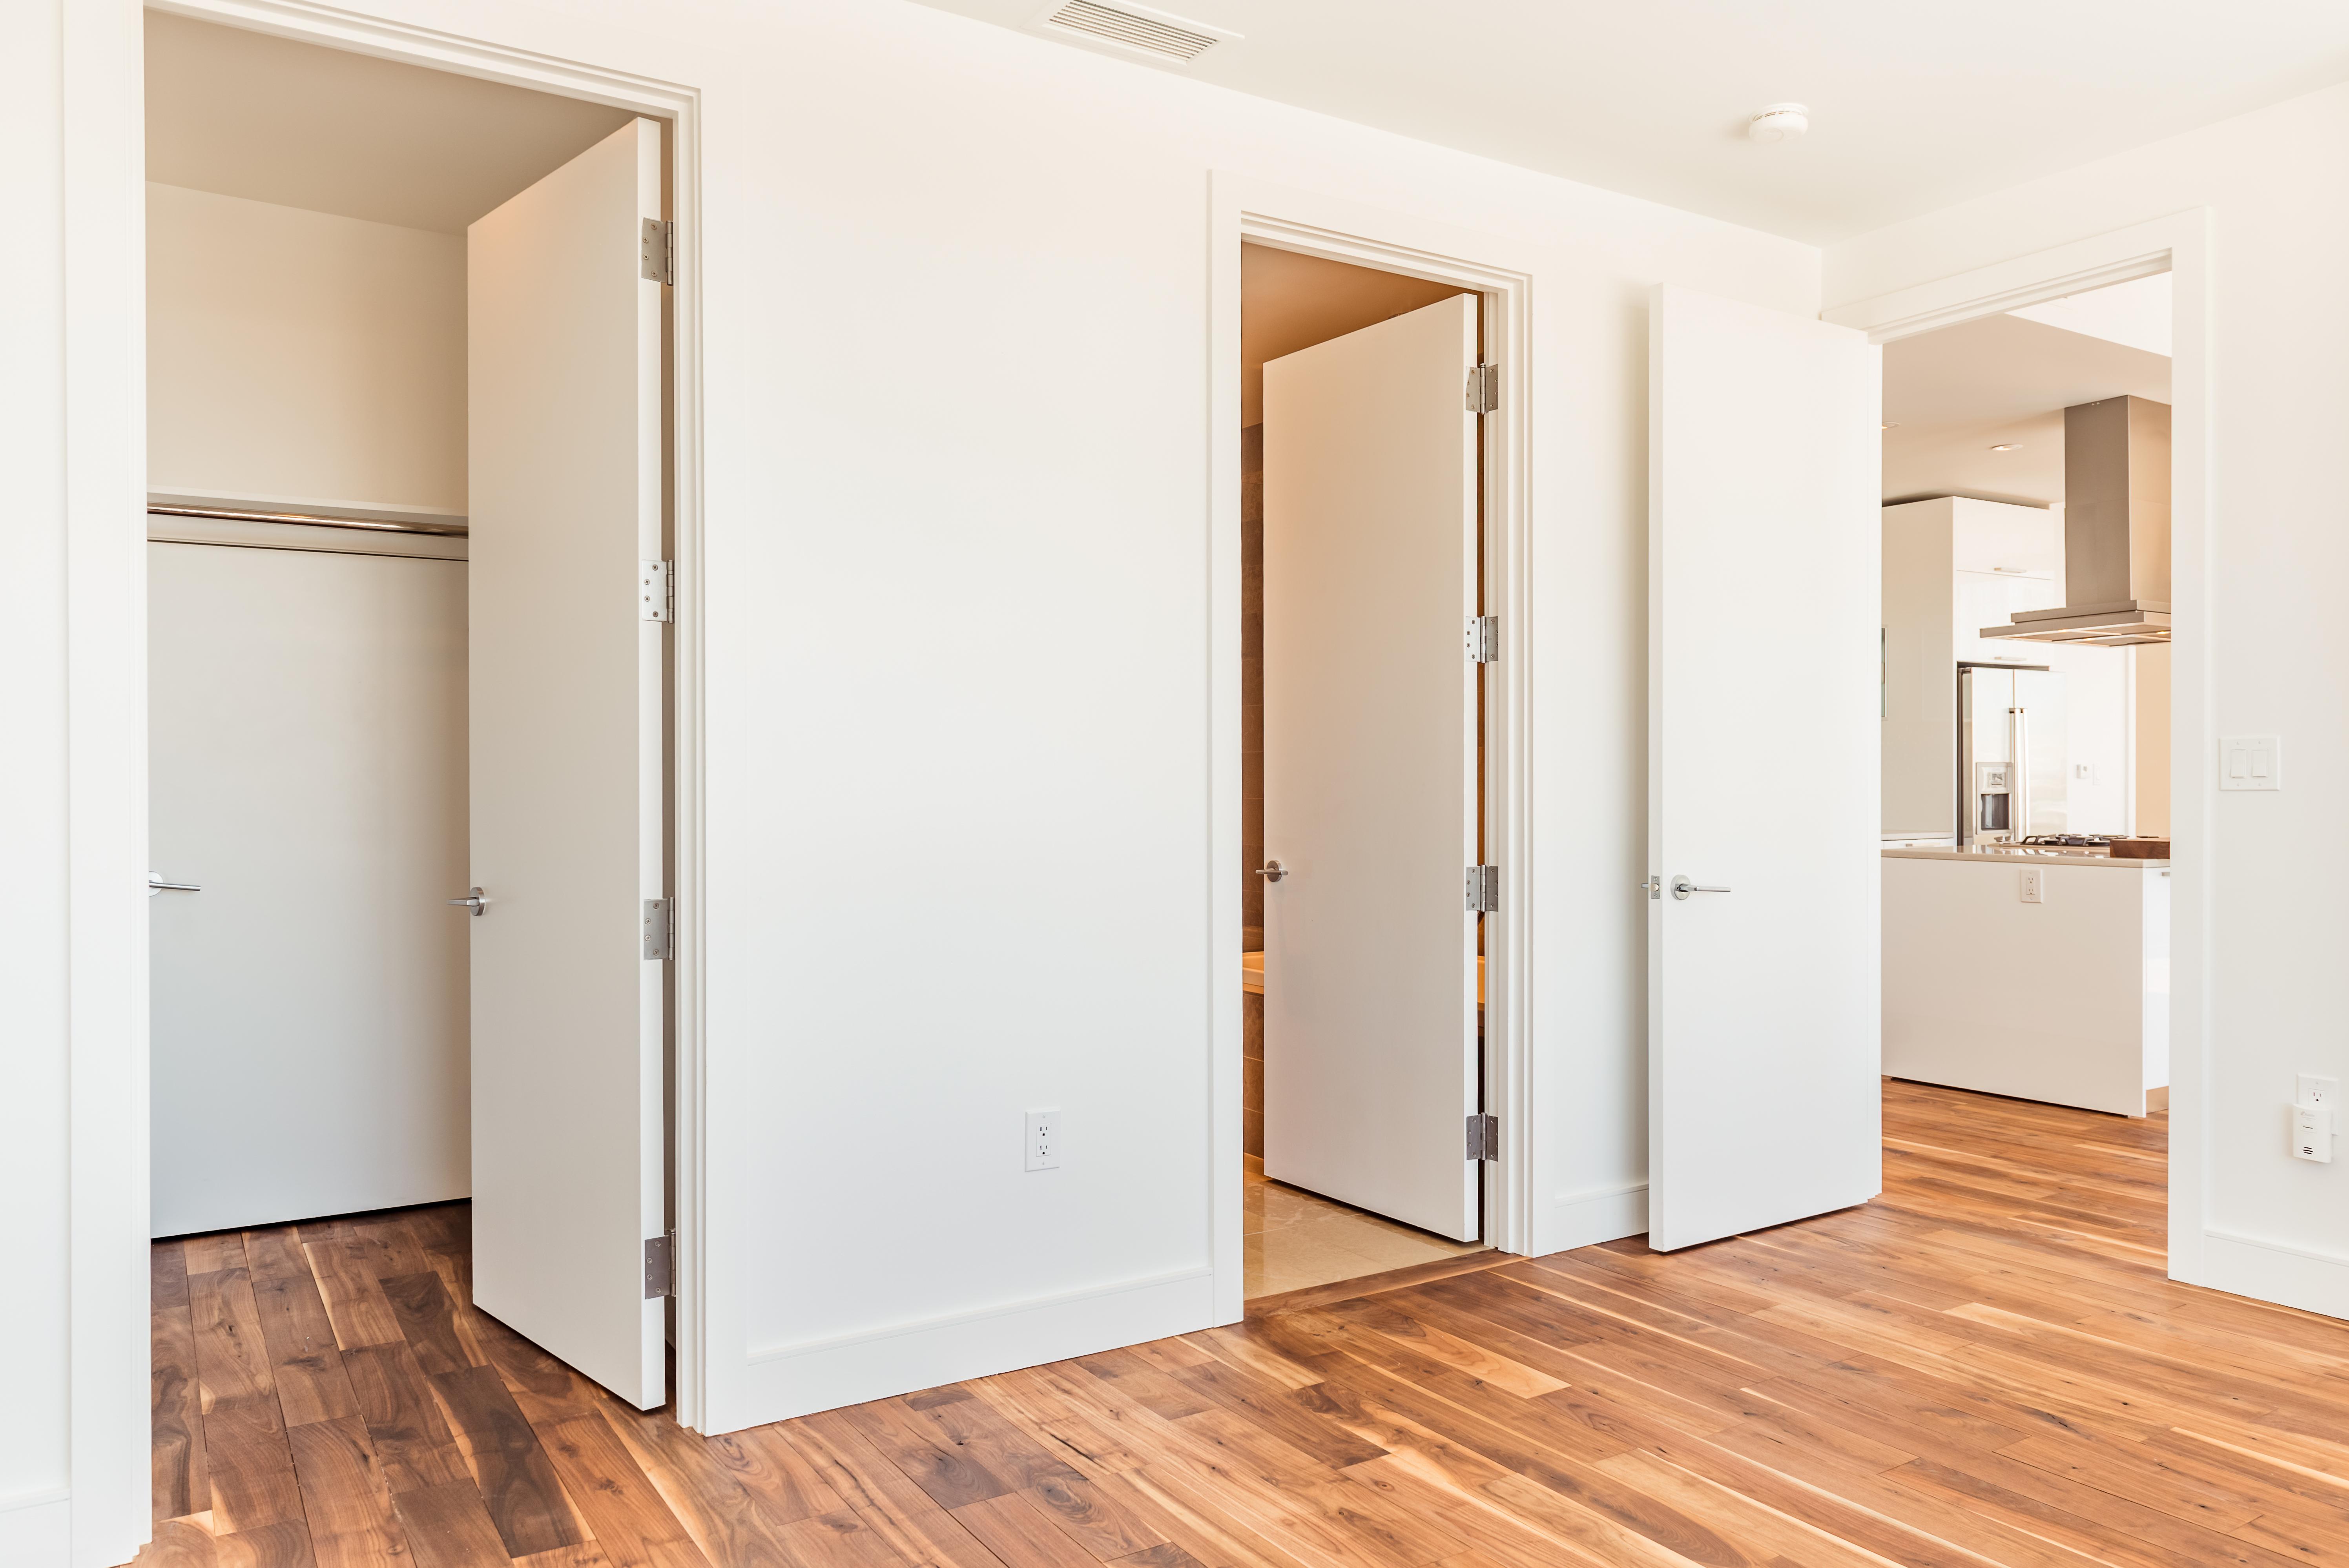 bathroom and closet doors from bedroom